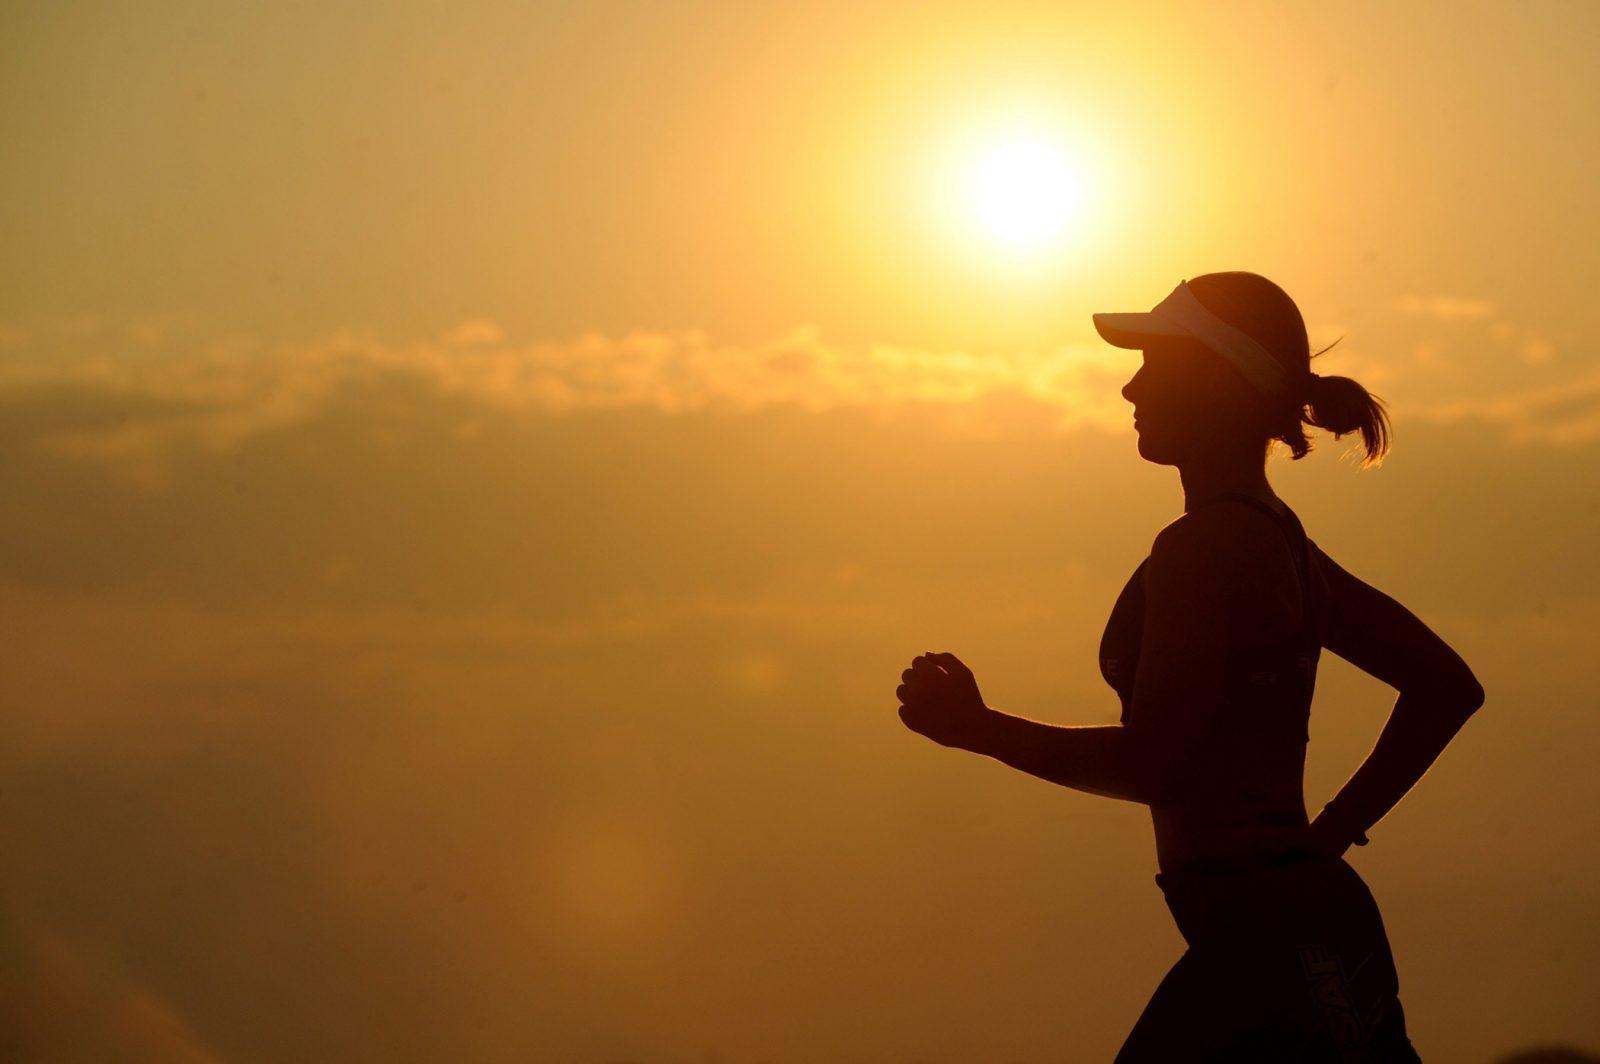 Здоровье. Утренняя пробежка